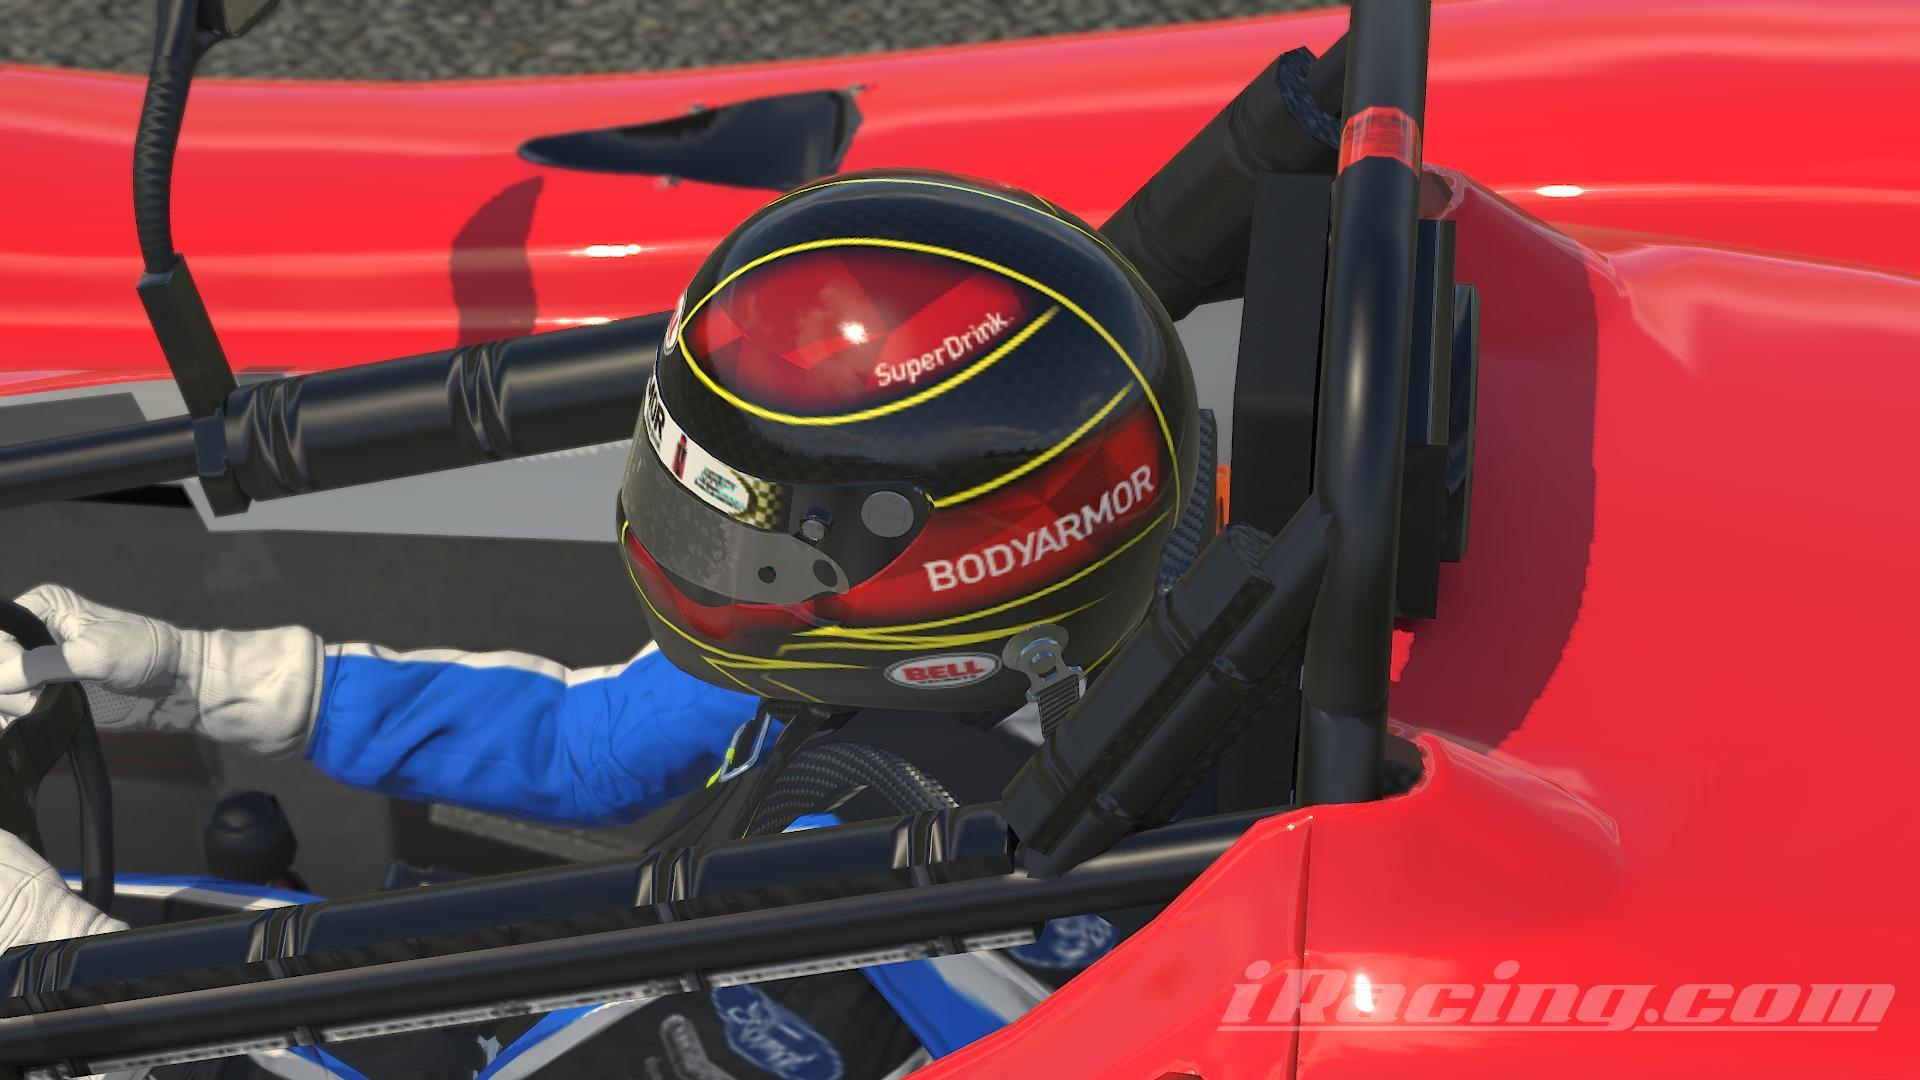 Preview of BodyArmor Helmet by Justin Teel